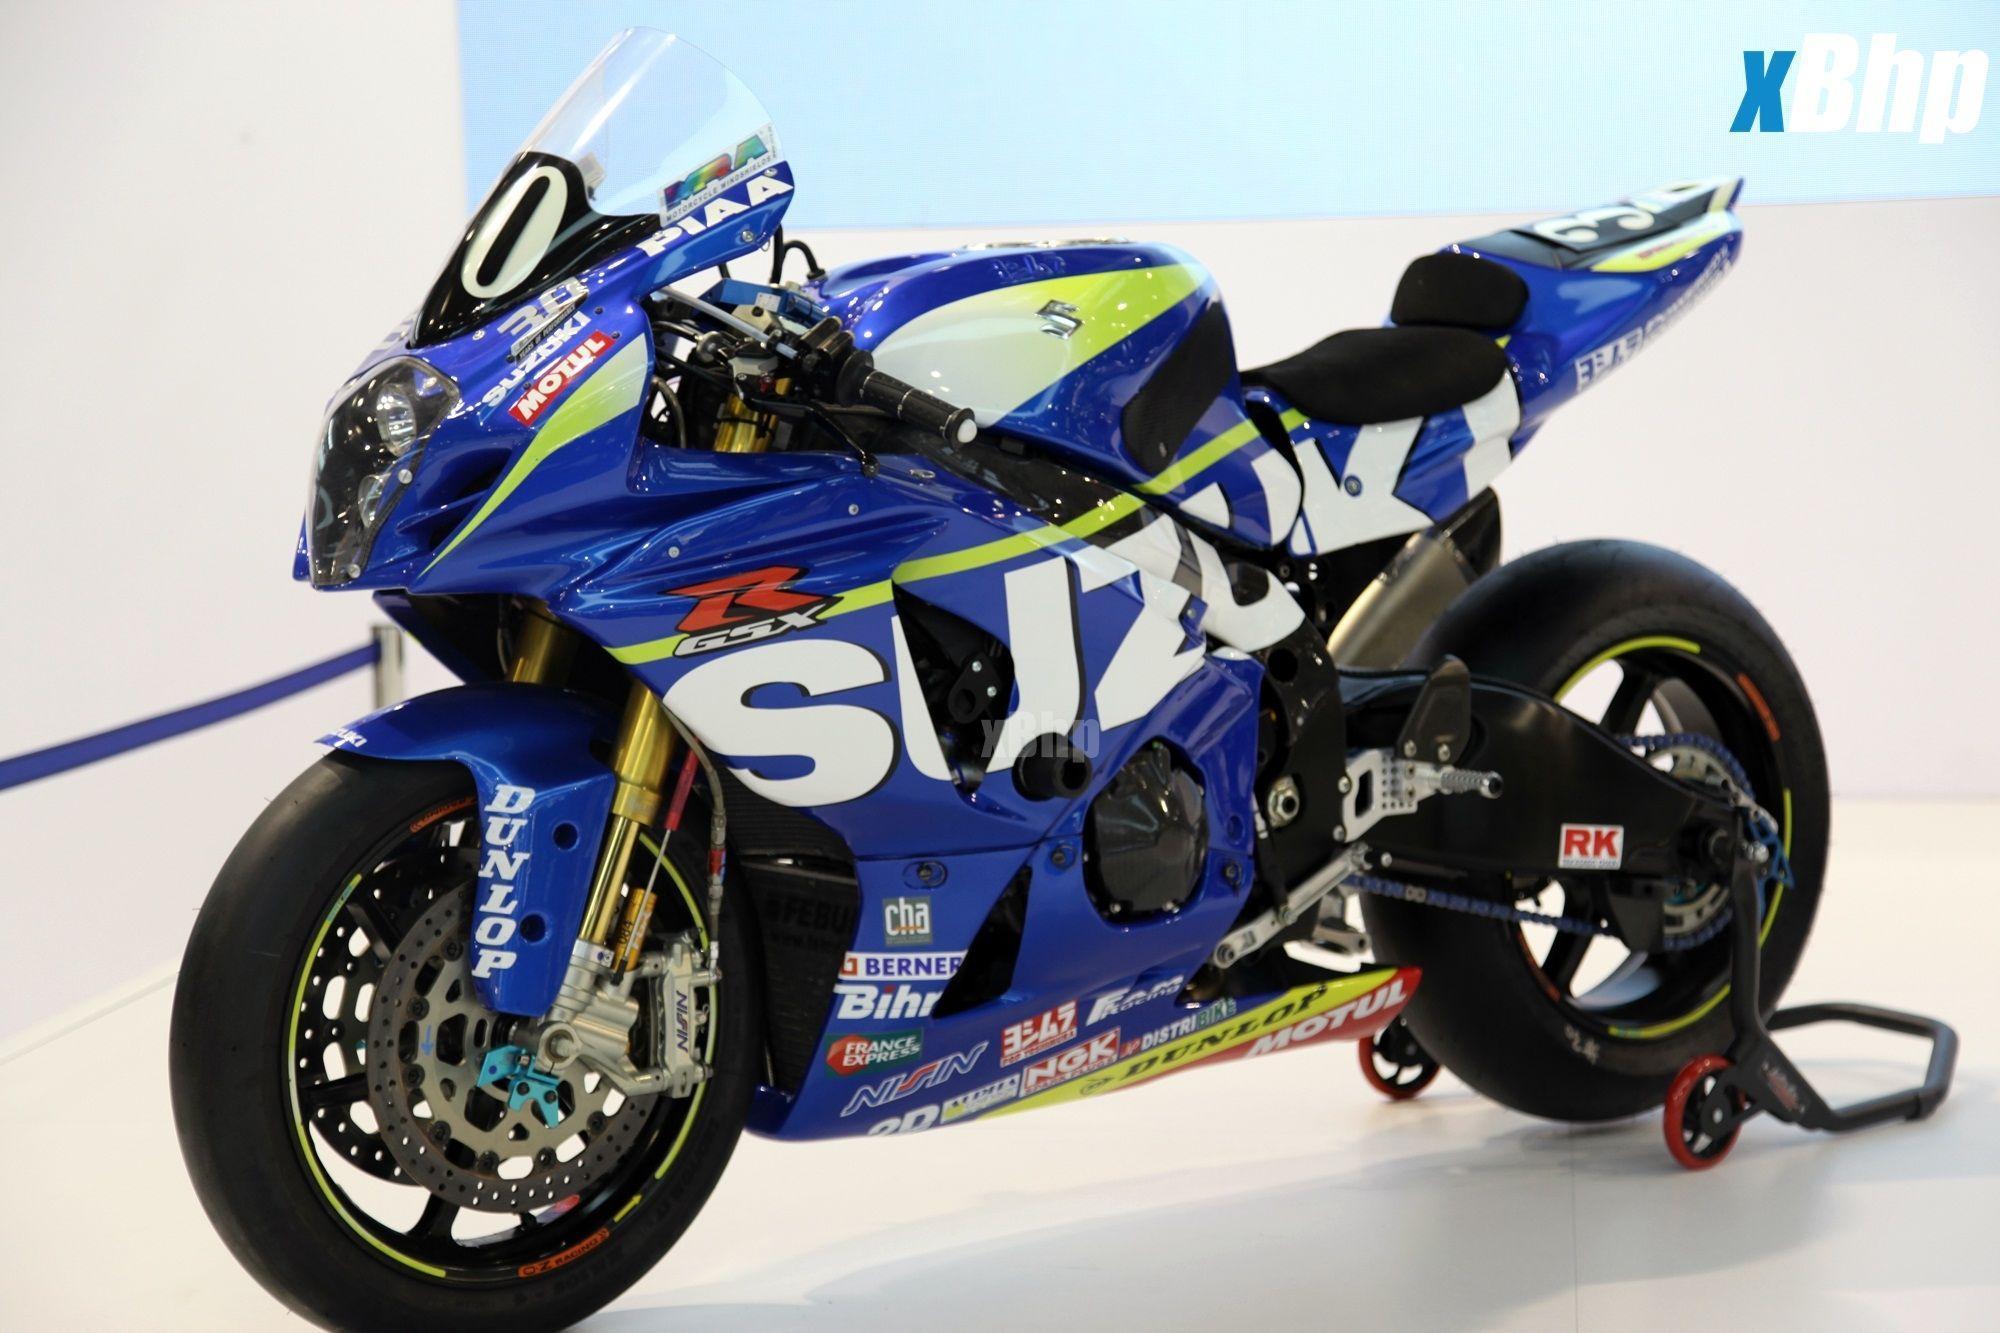 Suzuki Gsxr Concept